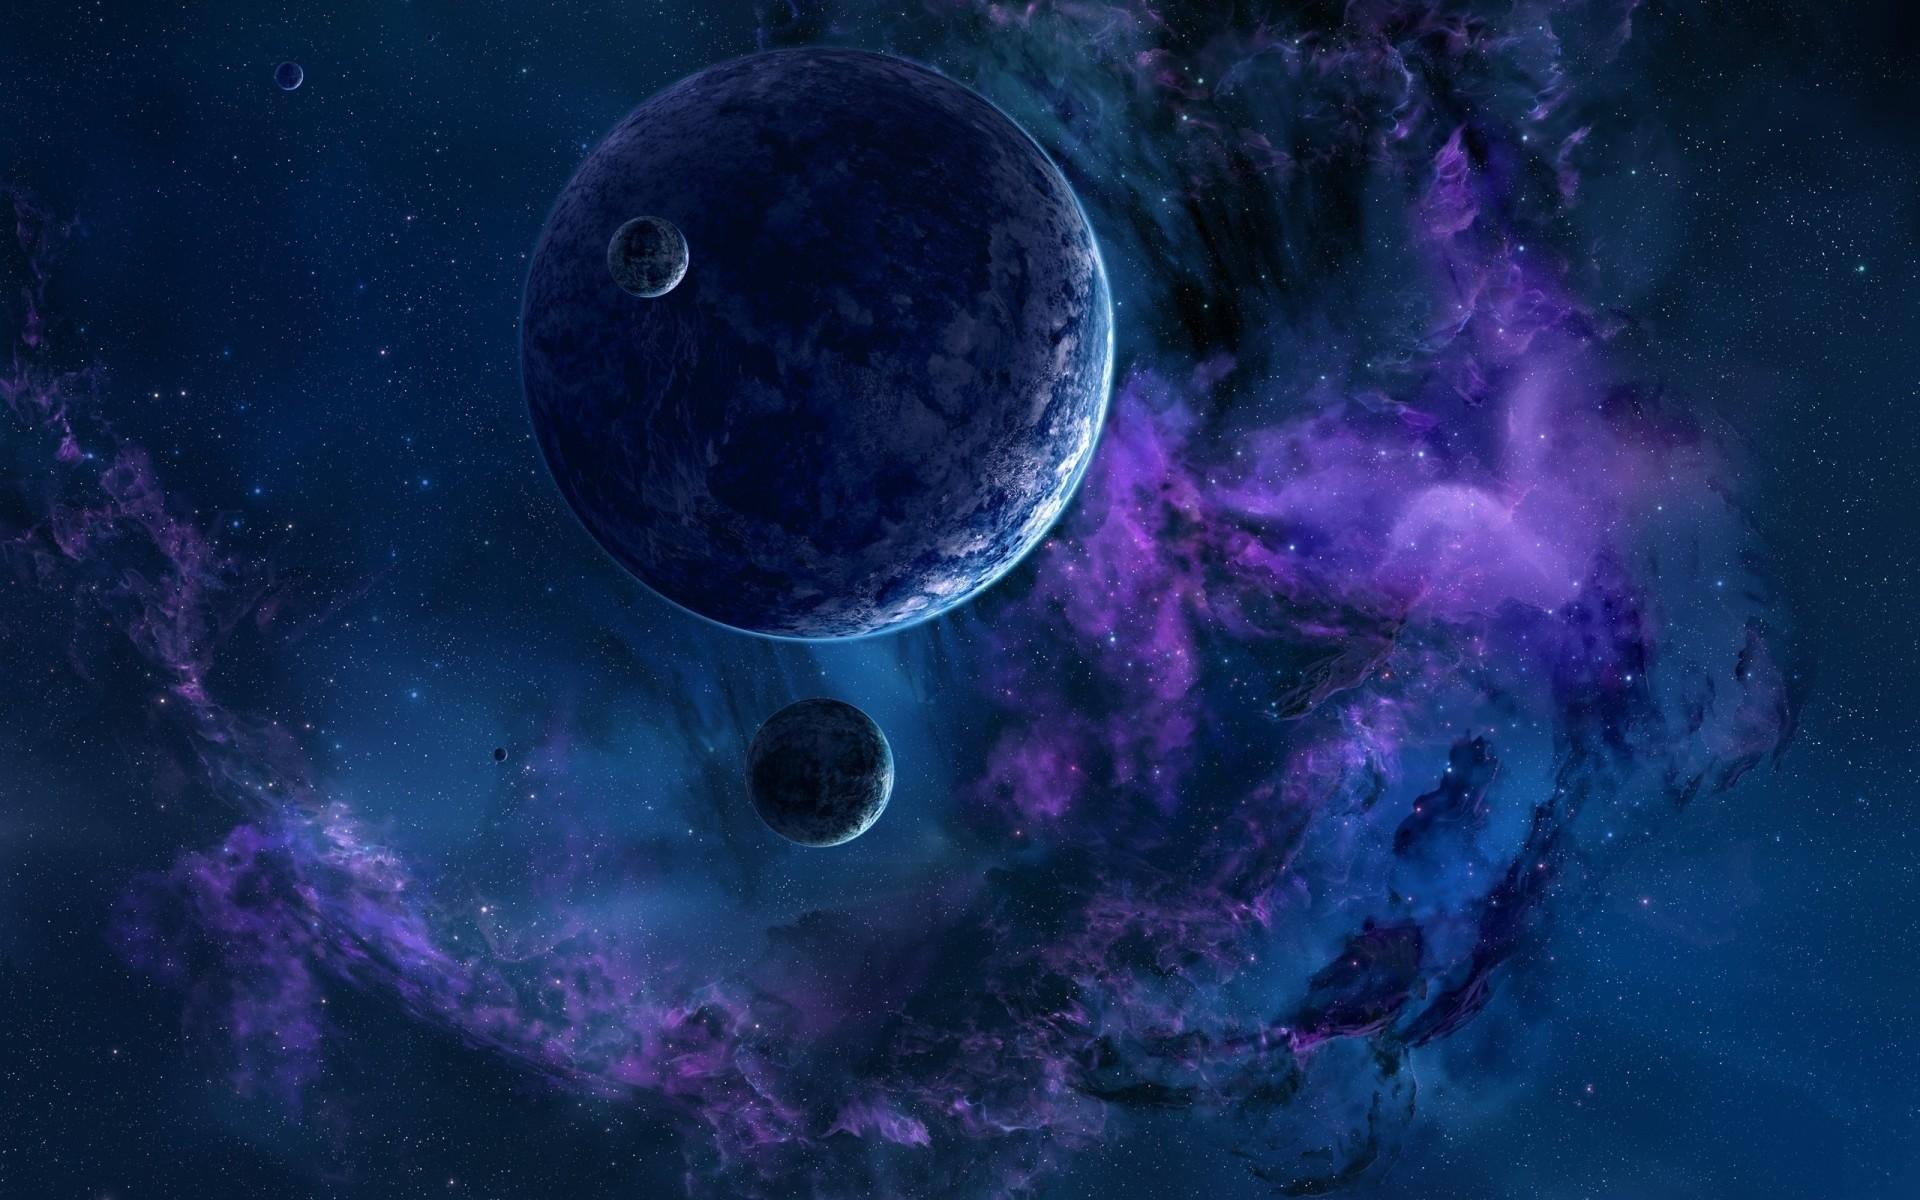 Космос вселенная открытки, открыток новый 2015